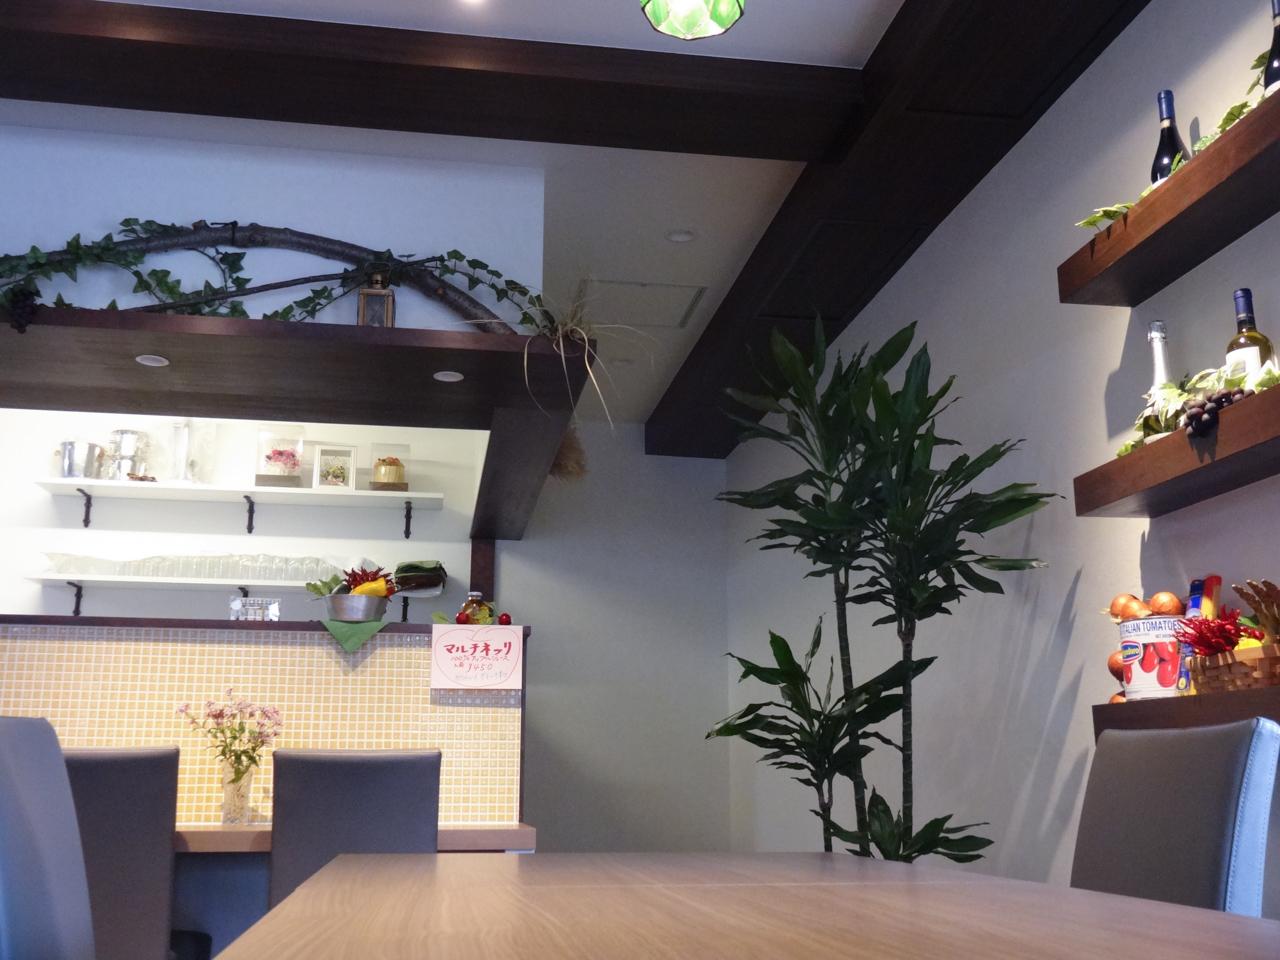 Il sole ed Il mare店内